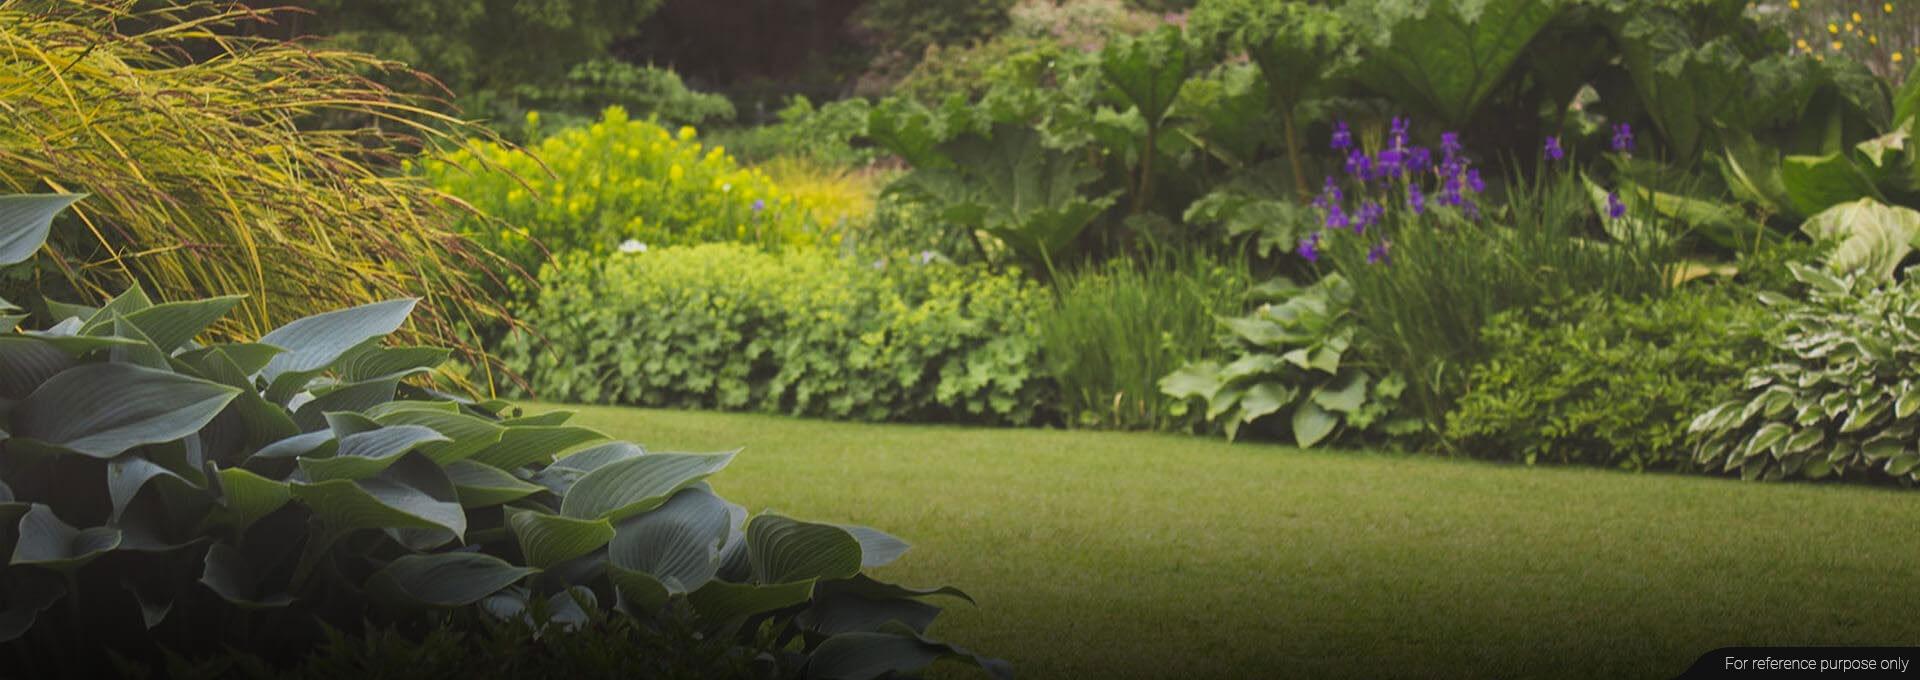 glen classic hebbal garden